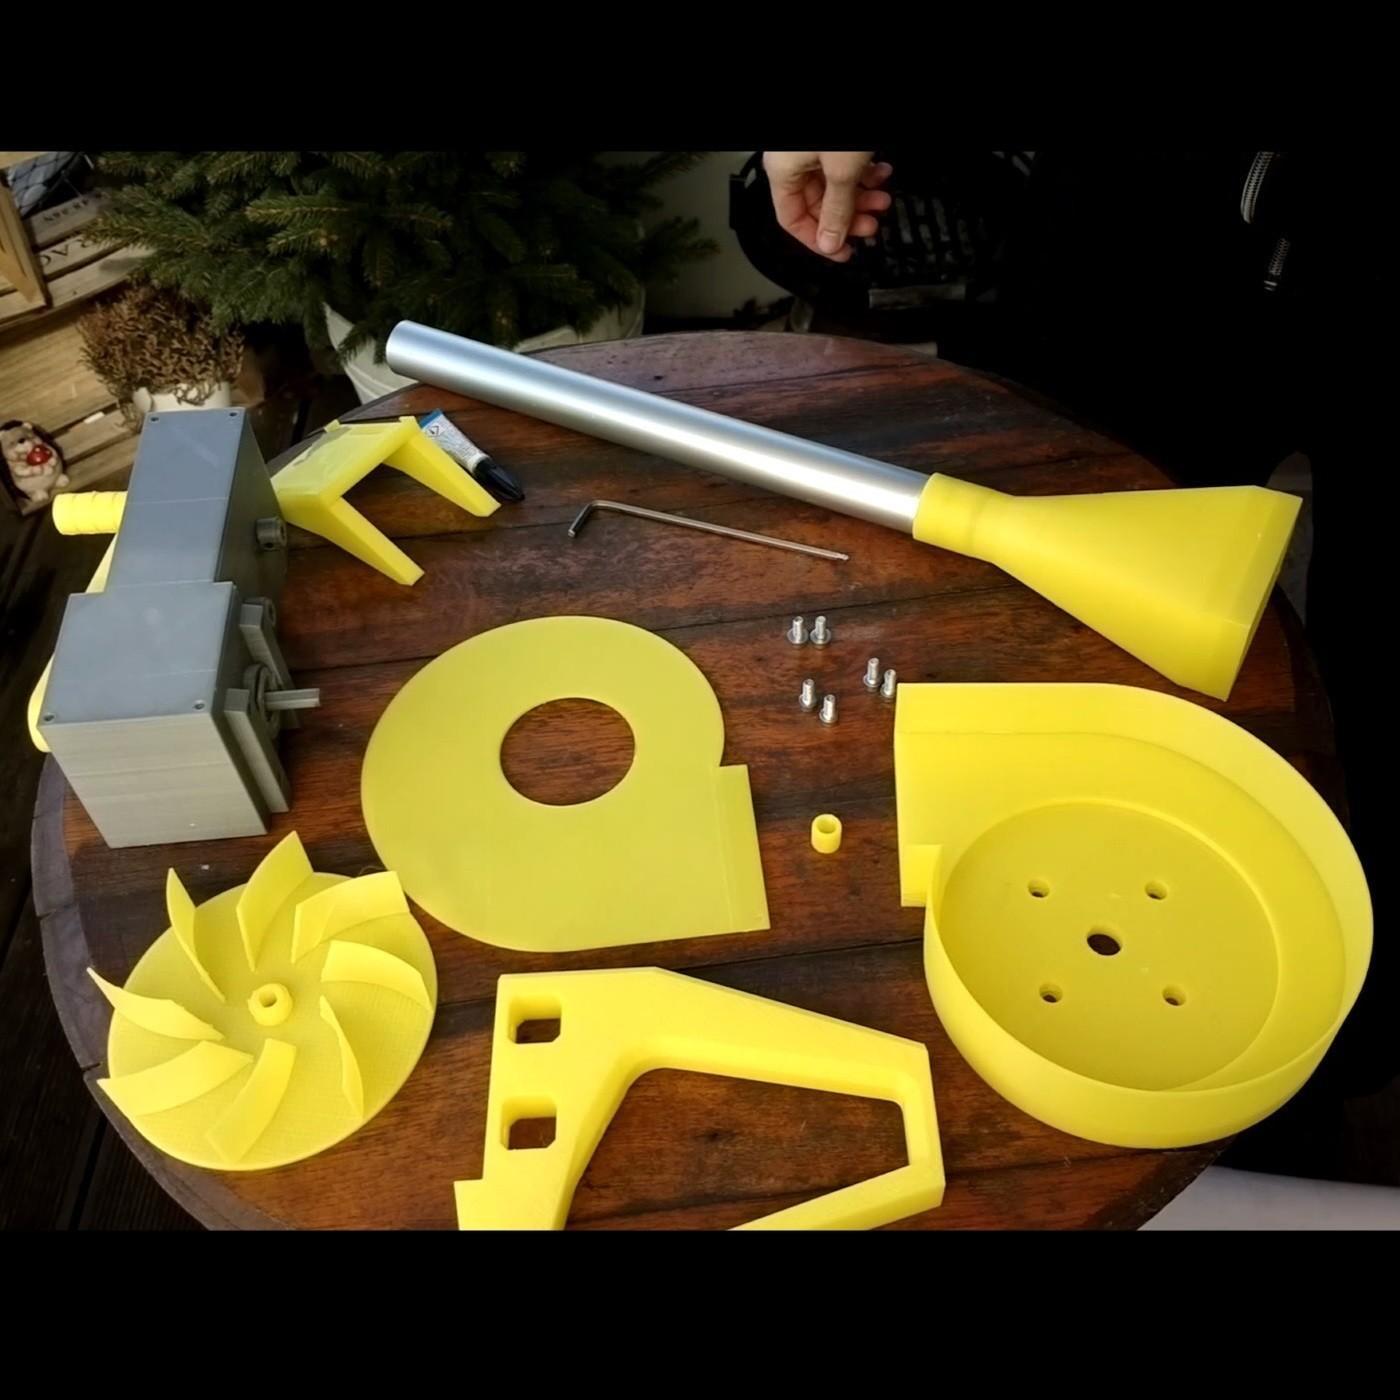 Foto04.jpg Download free STL file BBQ Fan Extension for Gearbox 256 / Grillgebläse Erweiterung für Getriebe 256 • 3D print design, CONSTRUCTeR